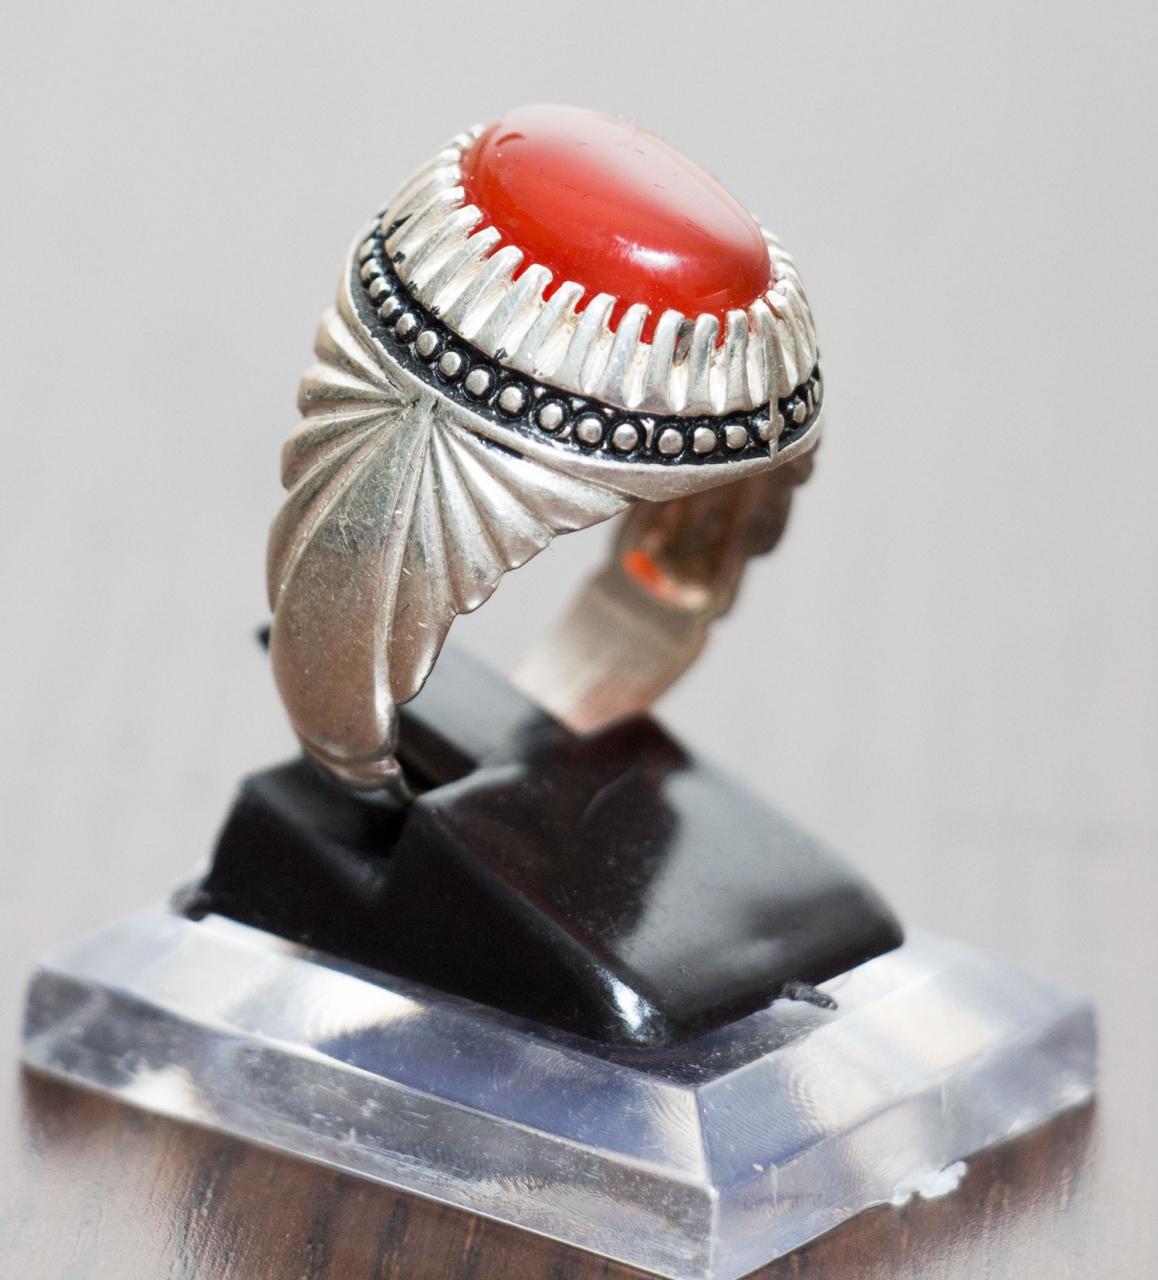 Aqiq Khorasani Silberfassung Herrenring runde Form